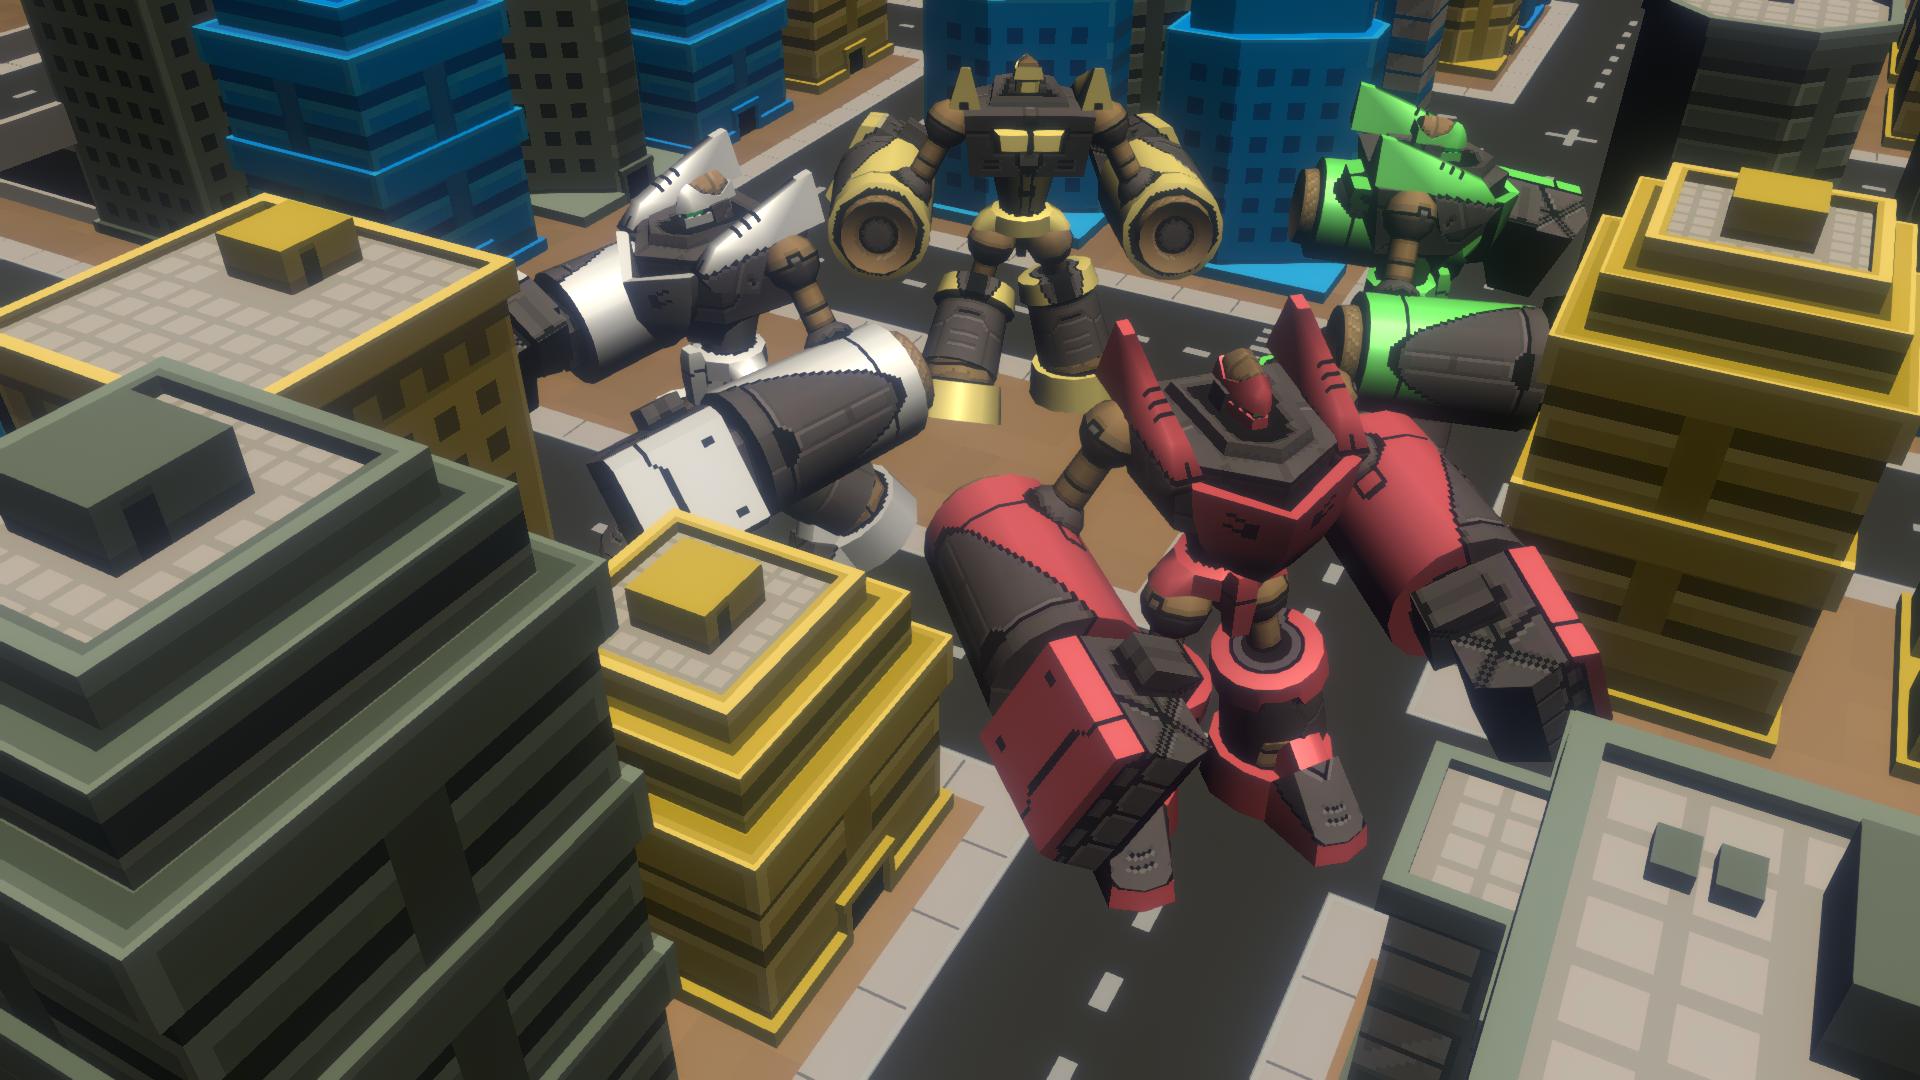 Demolition Robots K. K.